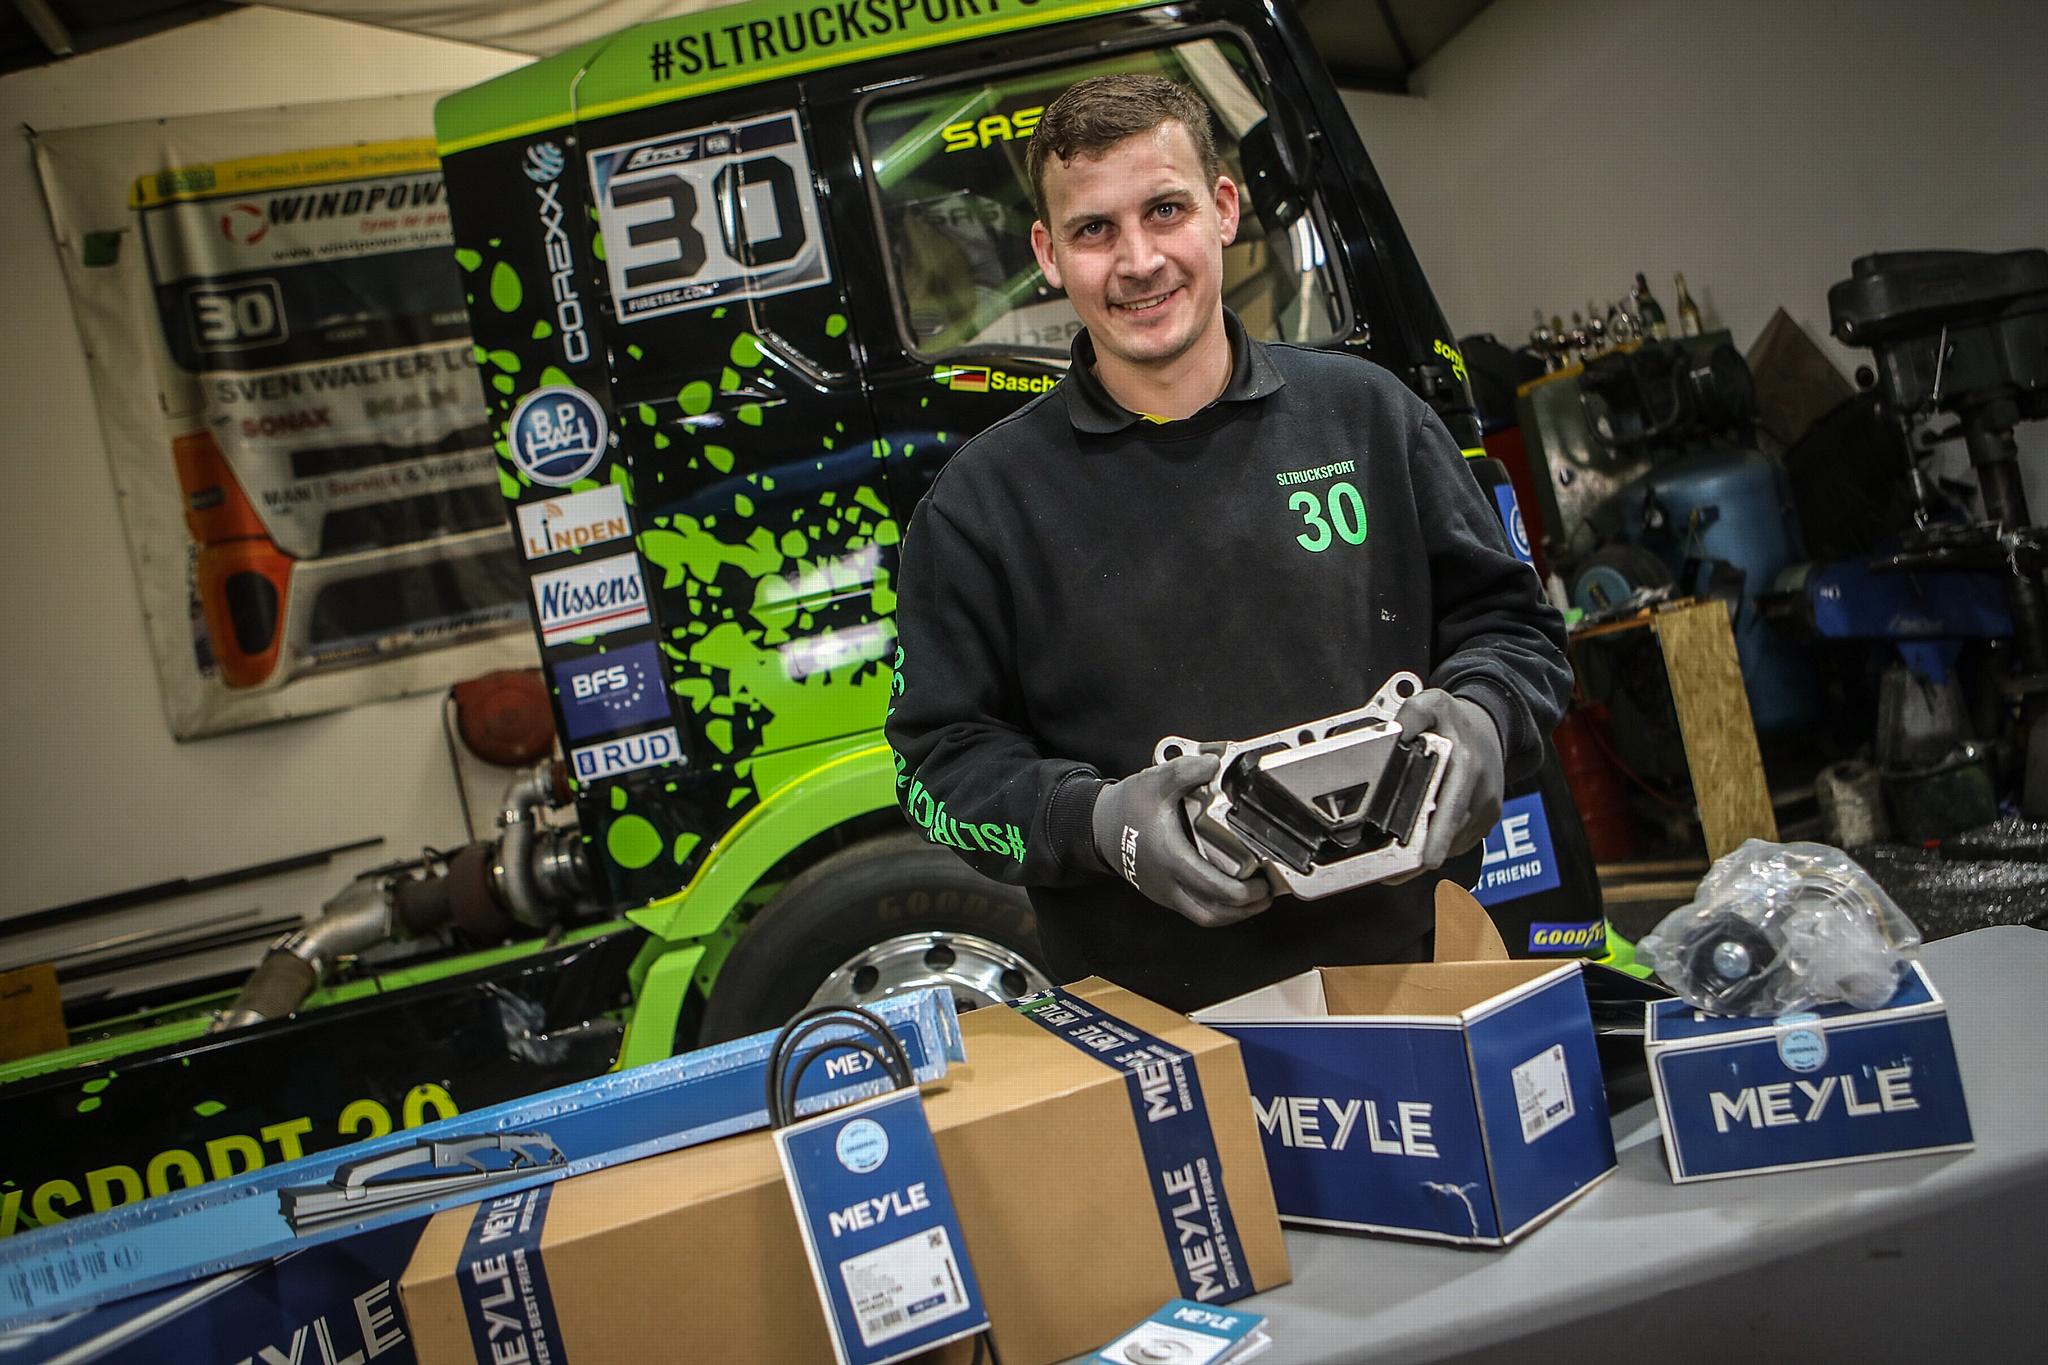 Гонки на грузовиках: Meyle открывает гоночный сезон 2021